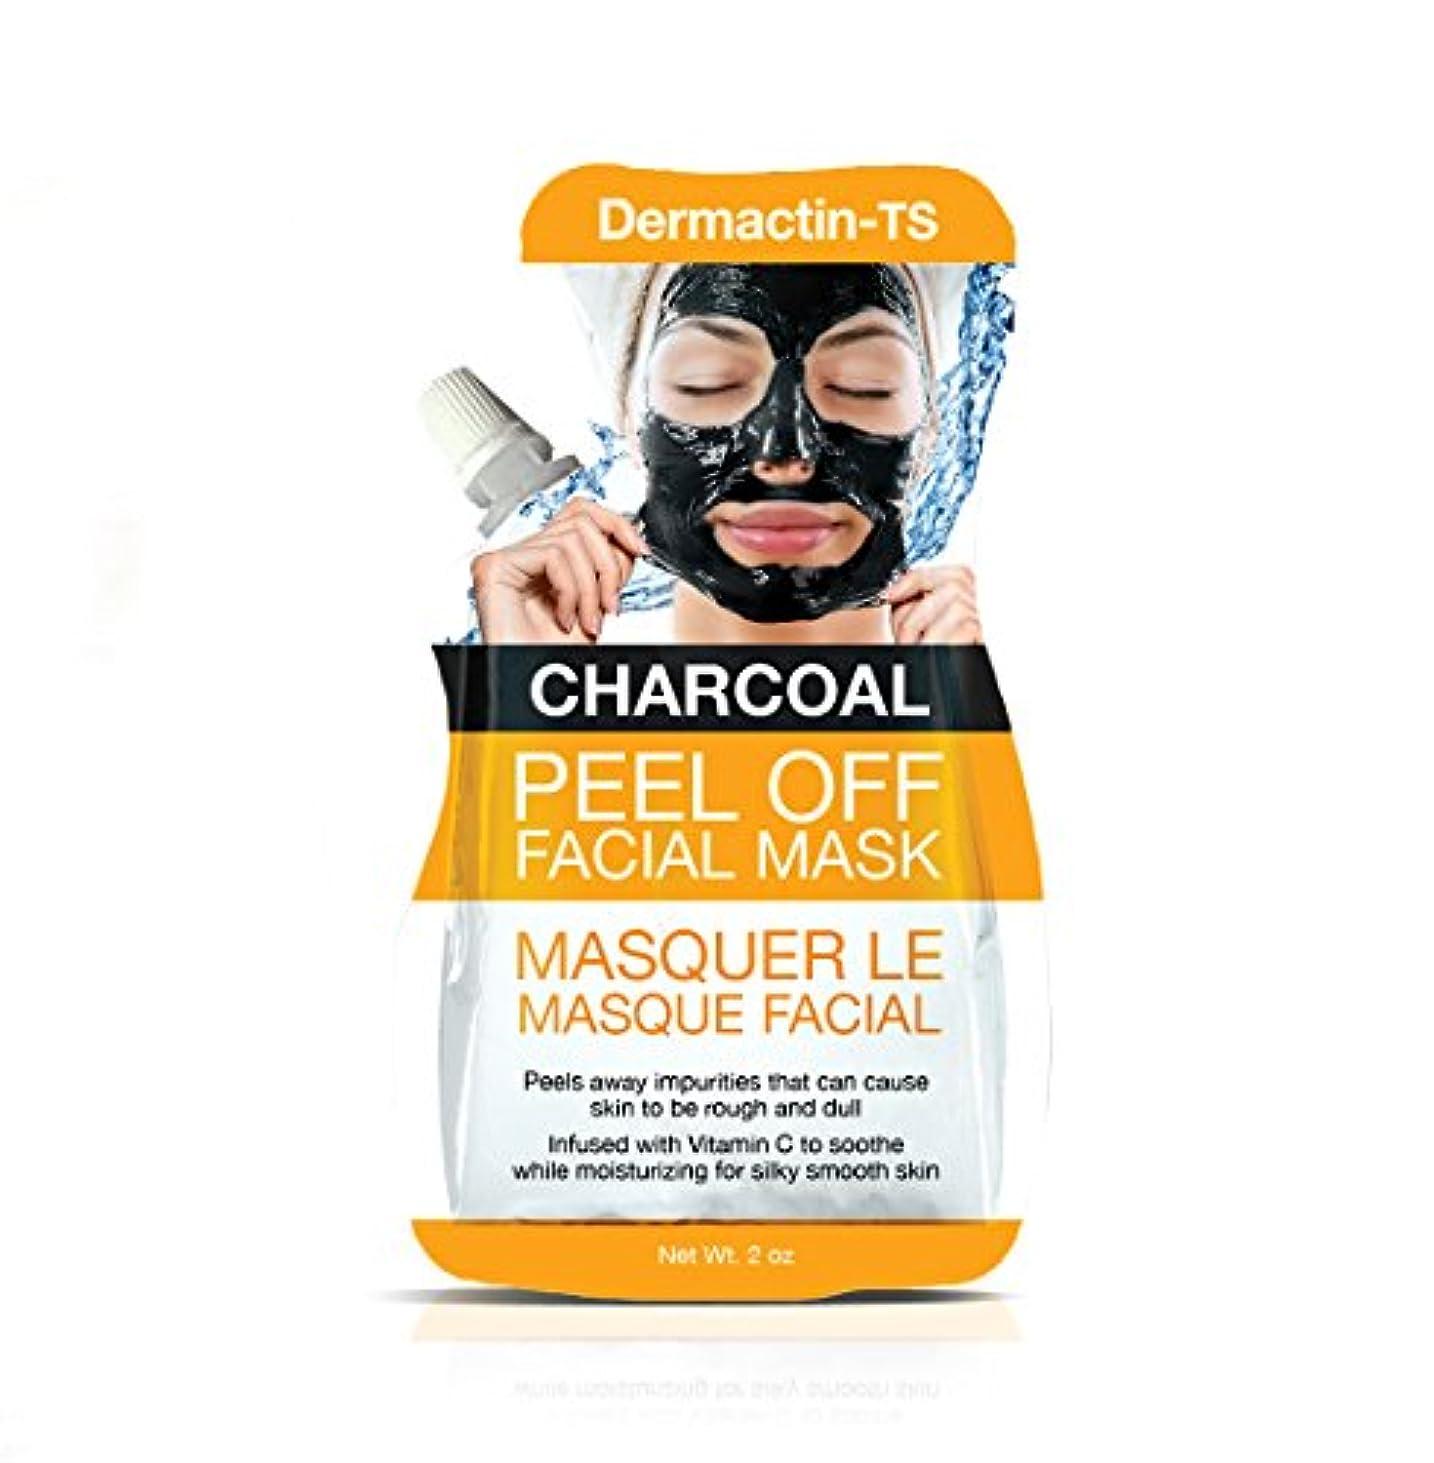 証書非武装化北西Dermactin-TS フェイシャルマスクを剥がすチャコール50 g (並行輸入品)